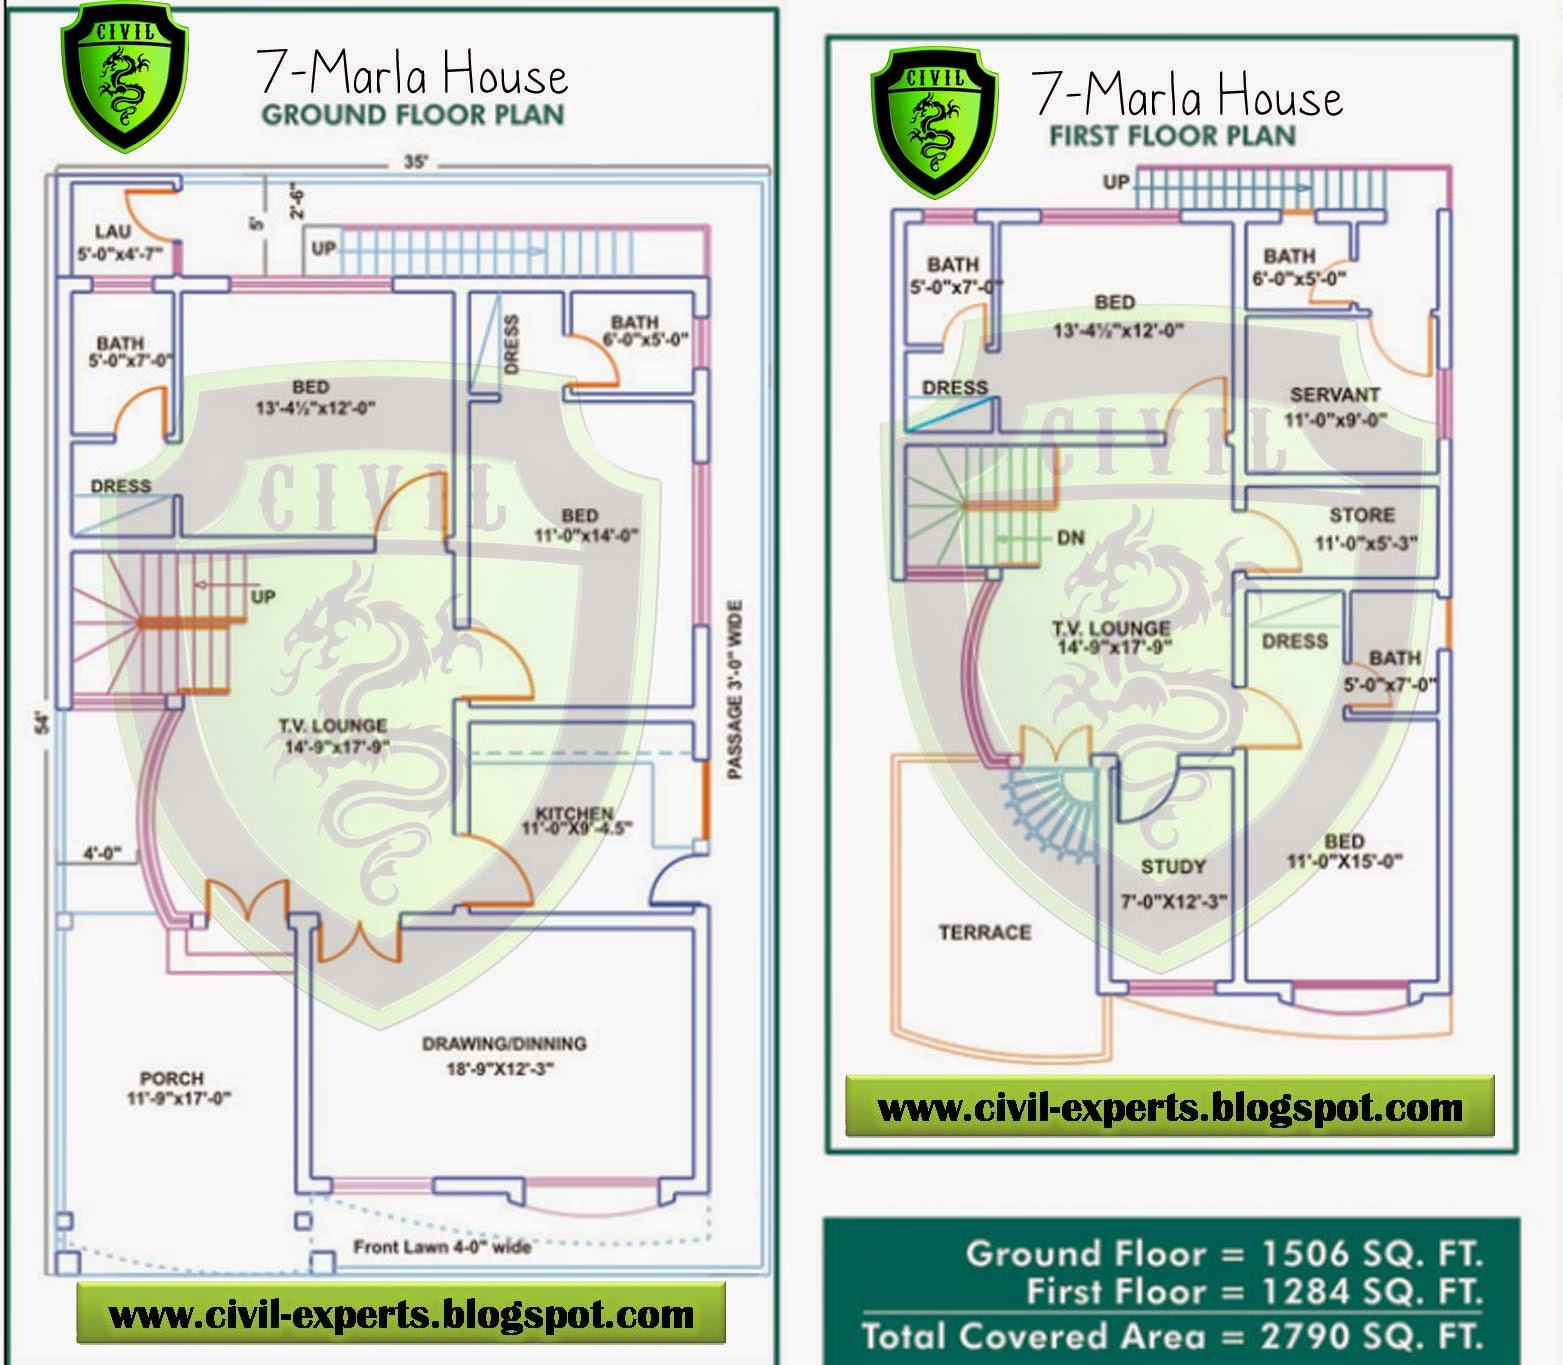 Home Design 3d Map: Civil Experts: 7 Marla House Plans